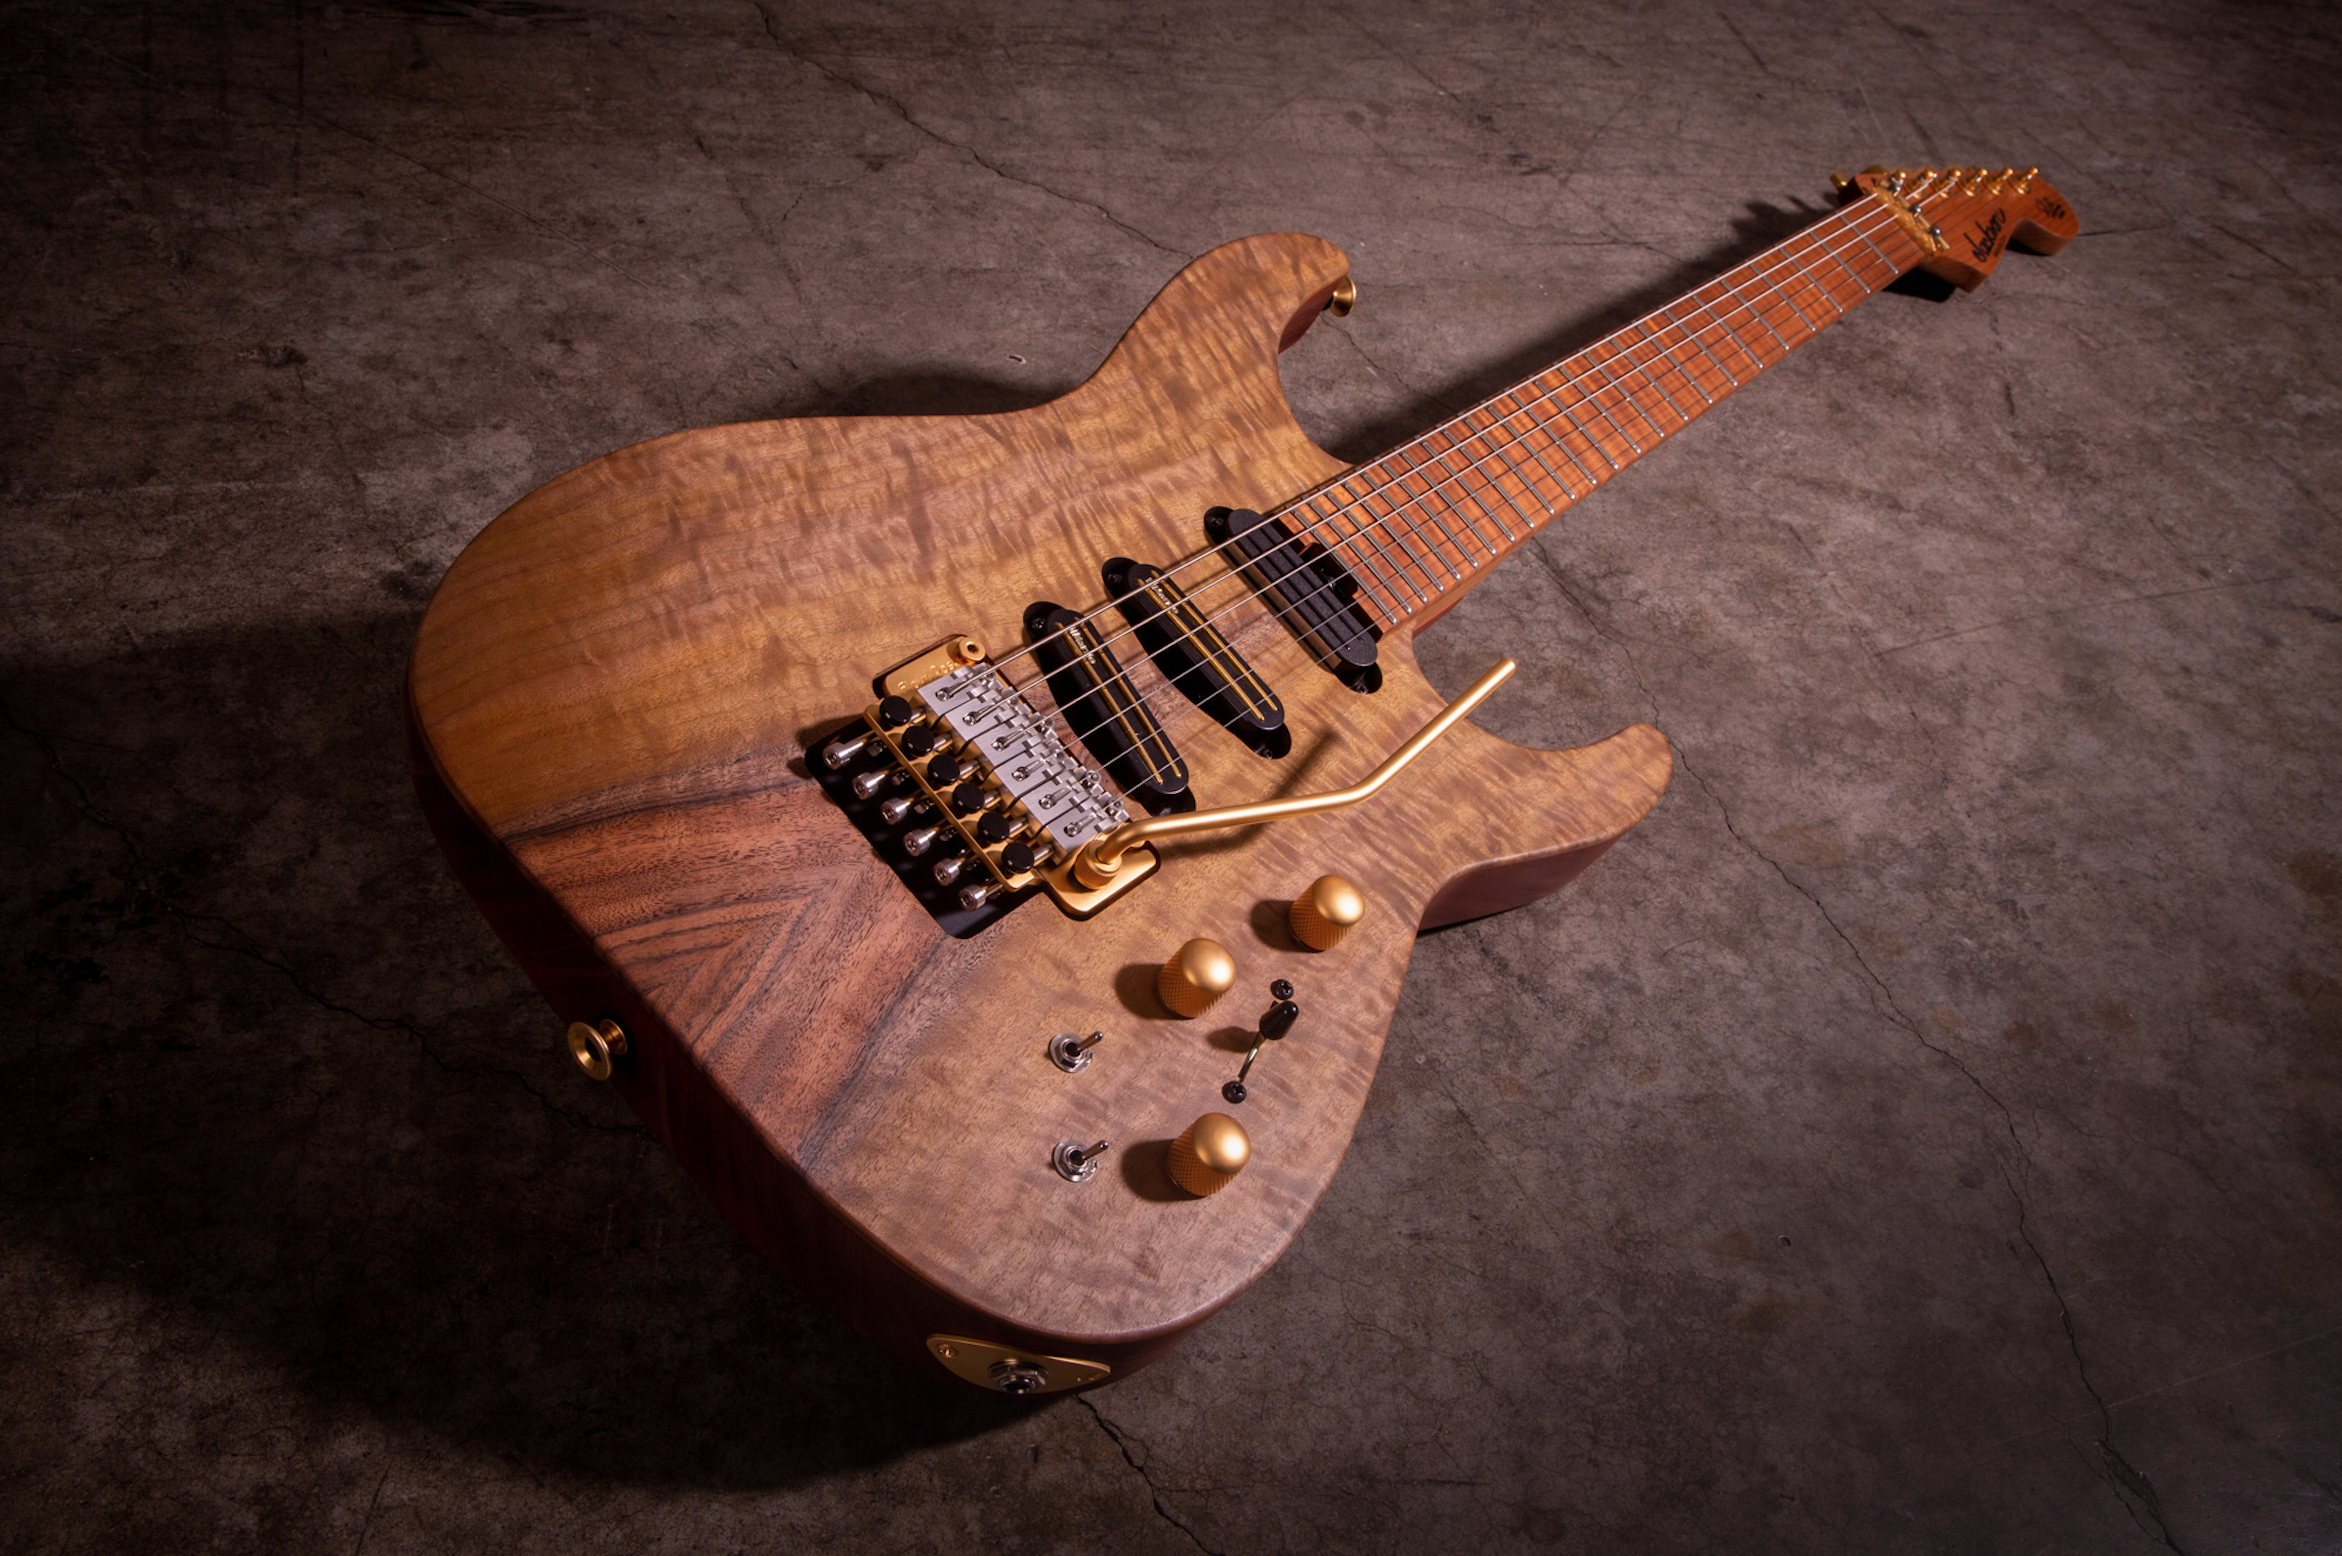 jackson phil collen jackson guitars blog. Black Bedroom Furniture Sets. Home Design Ideas